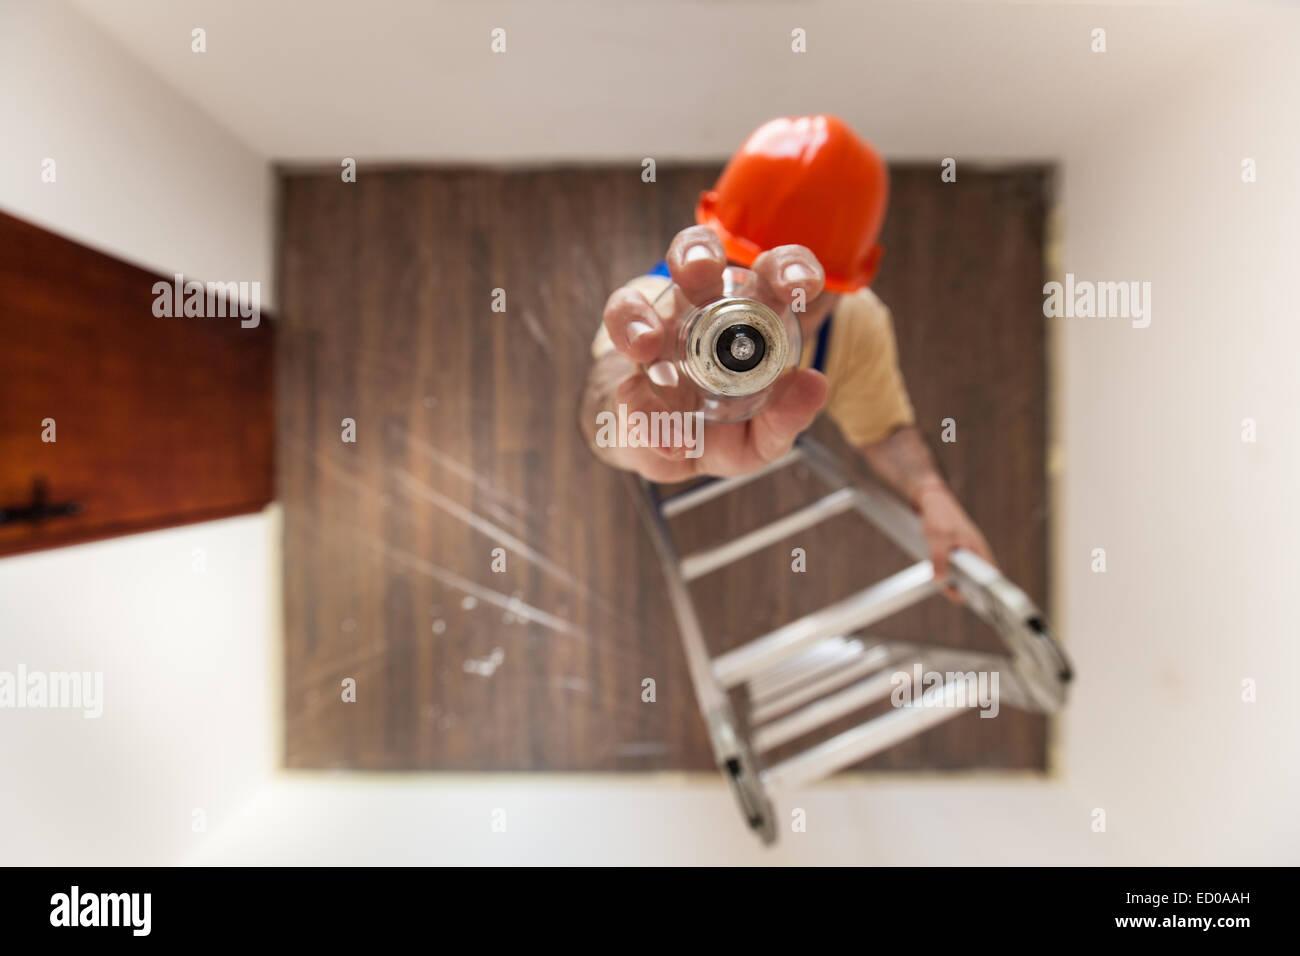 Elettricista sulla scala è la sostituzione di una lampadina bruciata. Immagini Stock